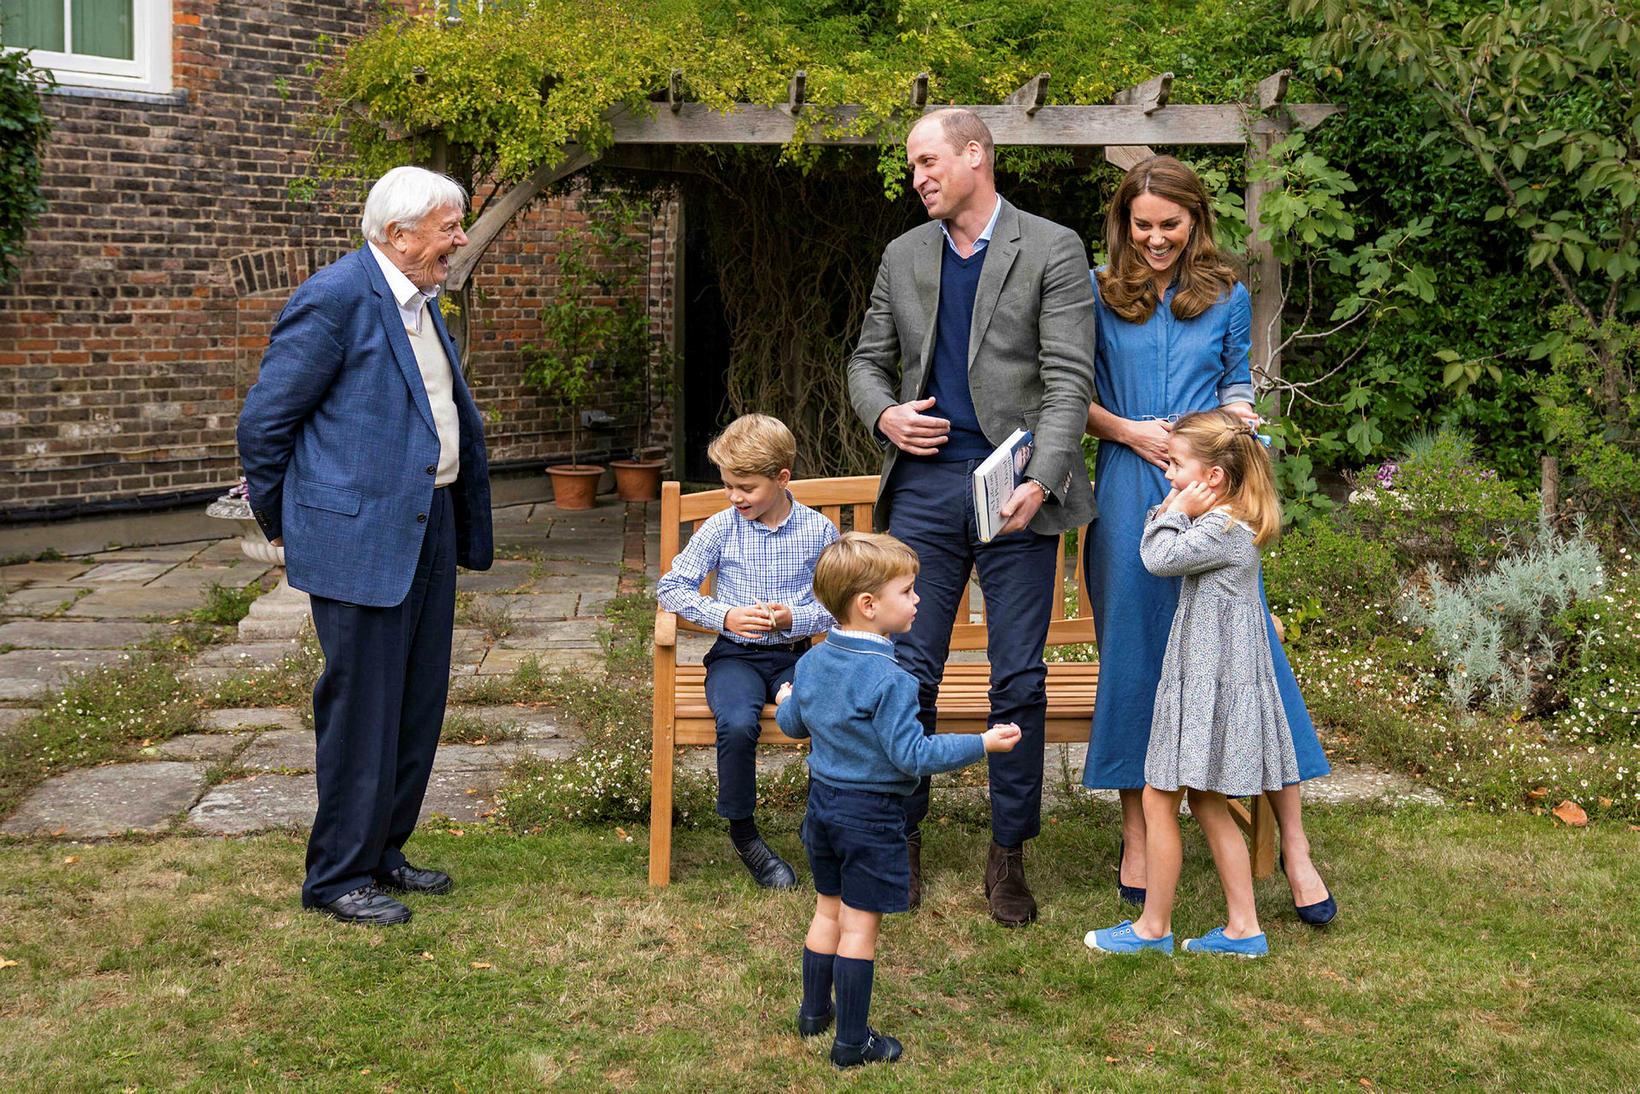 David Attenborough spjallaði við fjölskylduna í Kensington eftir kvikmyndina.